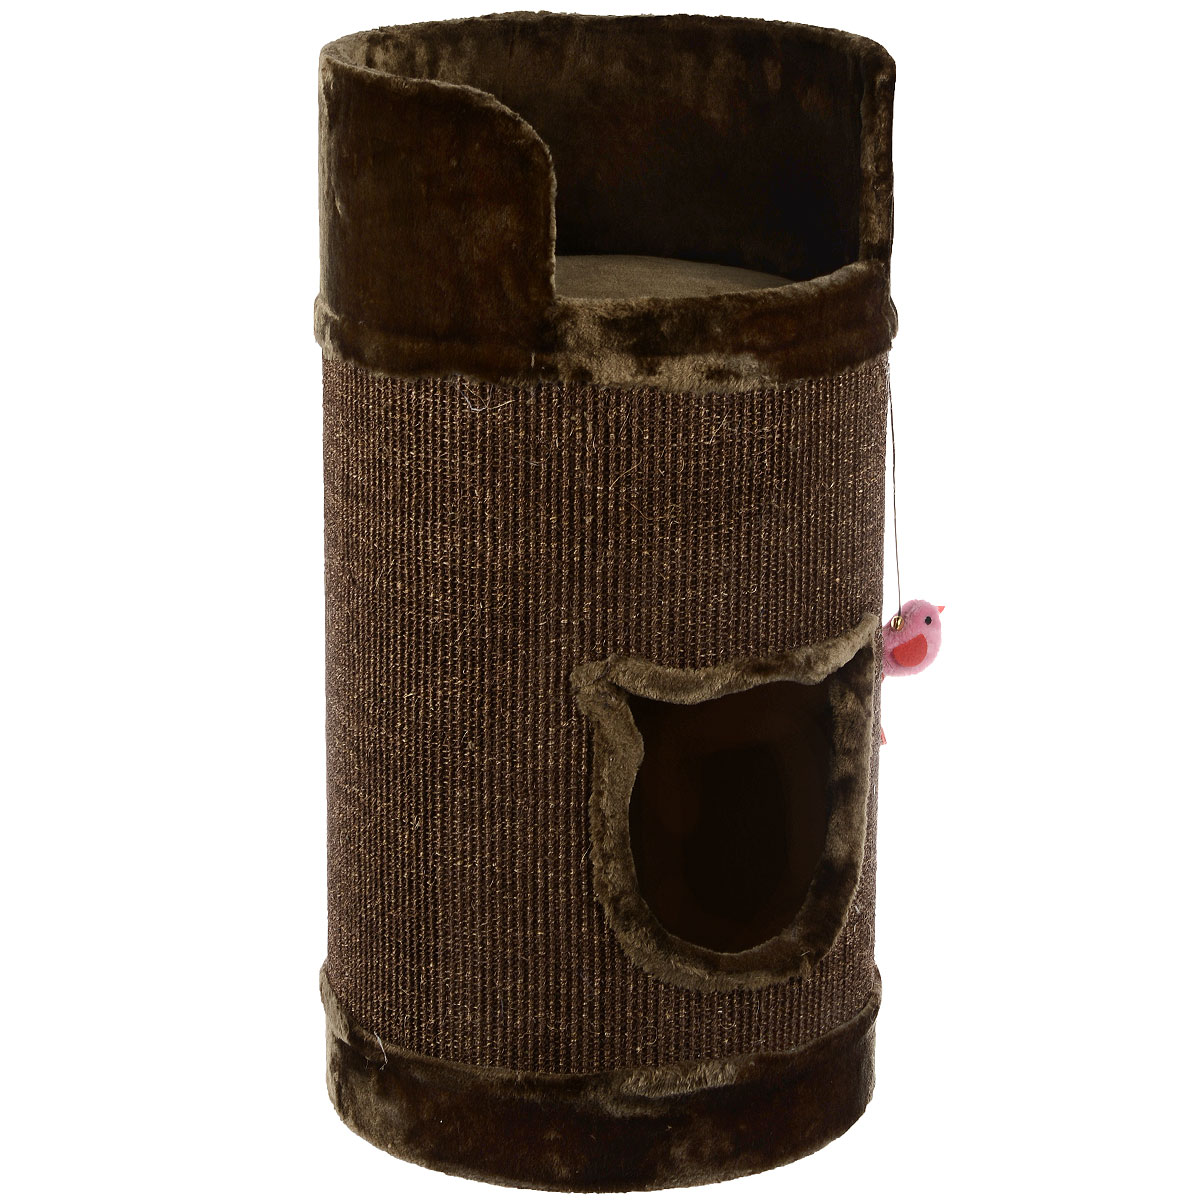 Домик-когтеточка для кошек I.P.T.S. Bruno, цвет: коричневый, 38 см х 38 см х 75 см0120710Домик-когтеточка для кошек I.P.T.S. Bruno выполнен из ДСП, плюша и сизаля.Удобная когтеточка в виде бочки позволит приучить кошку точить коготки в строго определенном месте. Сверху имеется удобная площадка с бортиком, где вашему питомцу будет удобно спать.